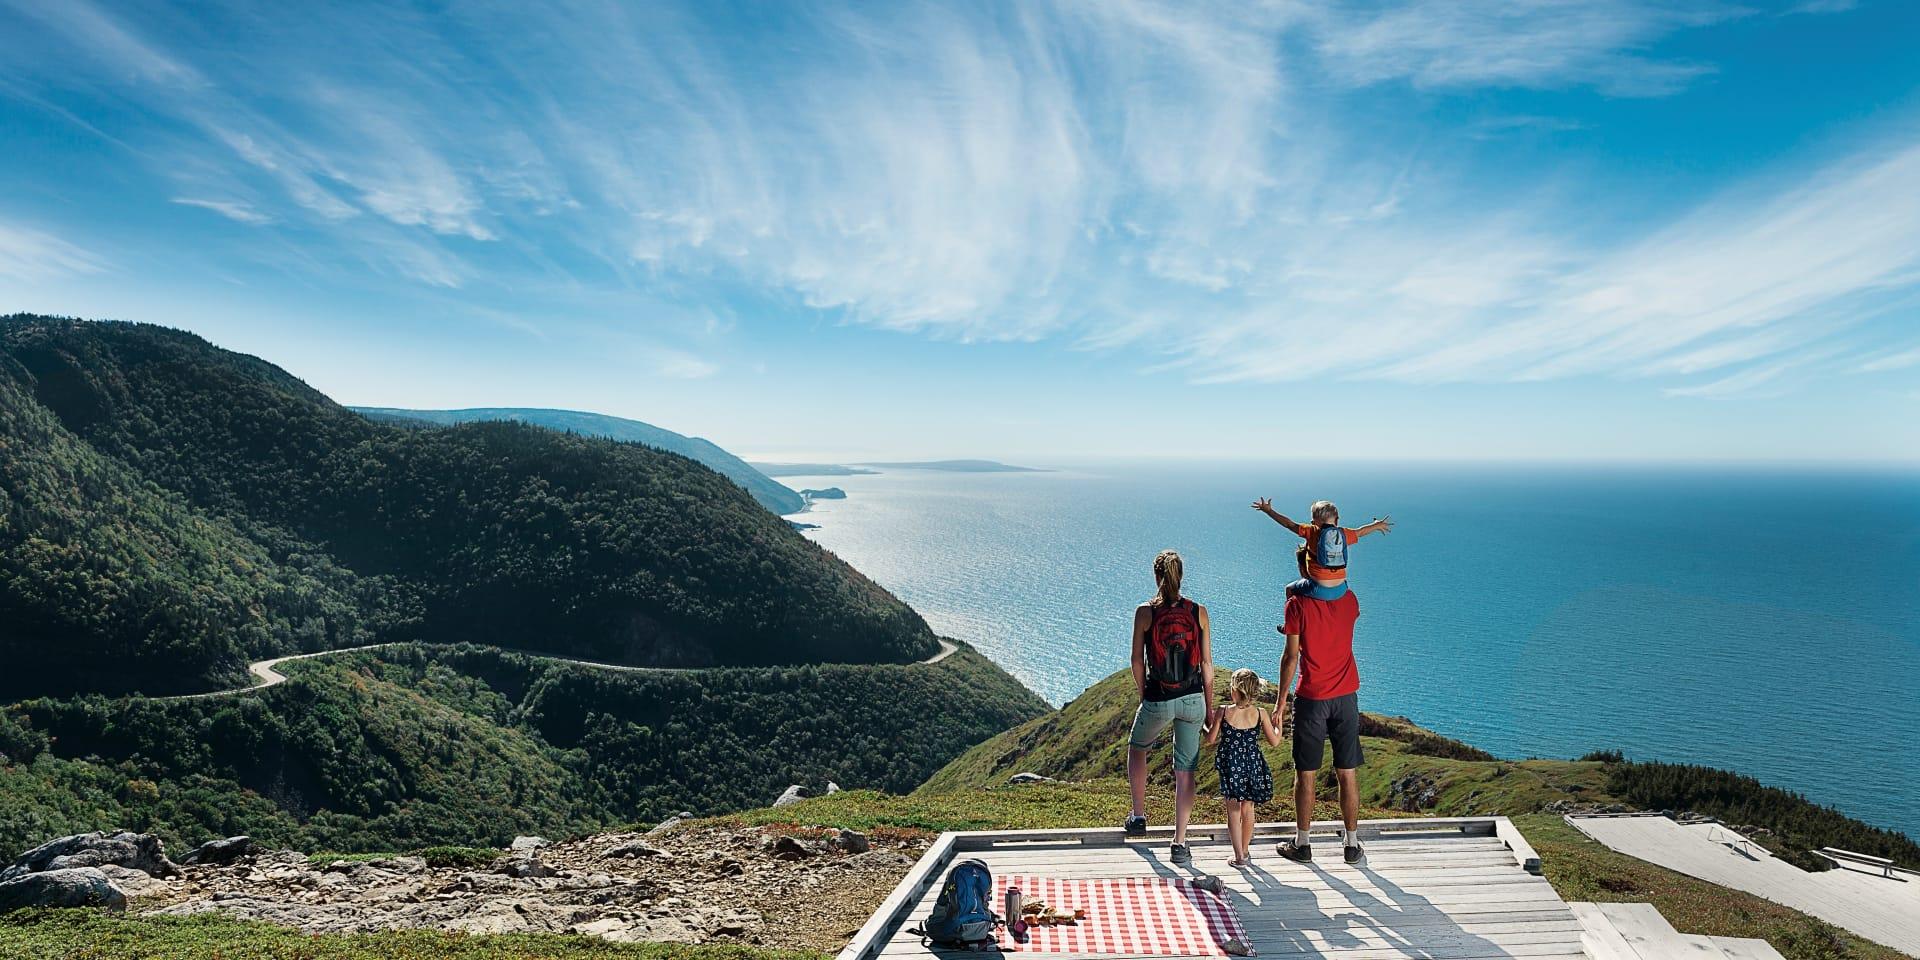 Kostenloses Dating-Kap breton ns Dating-Zeichen ein Kerl ist besitzergreifend